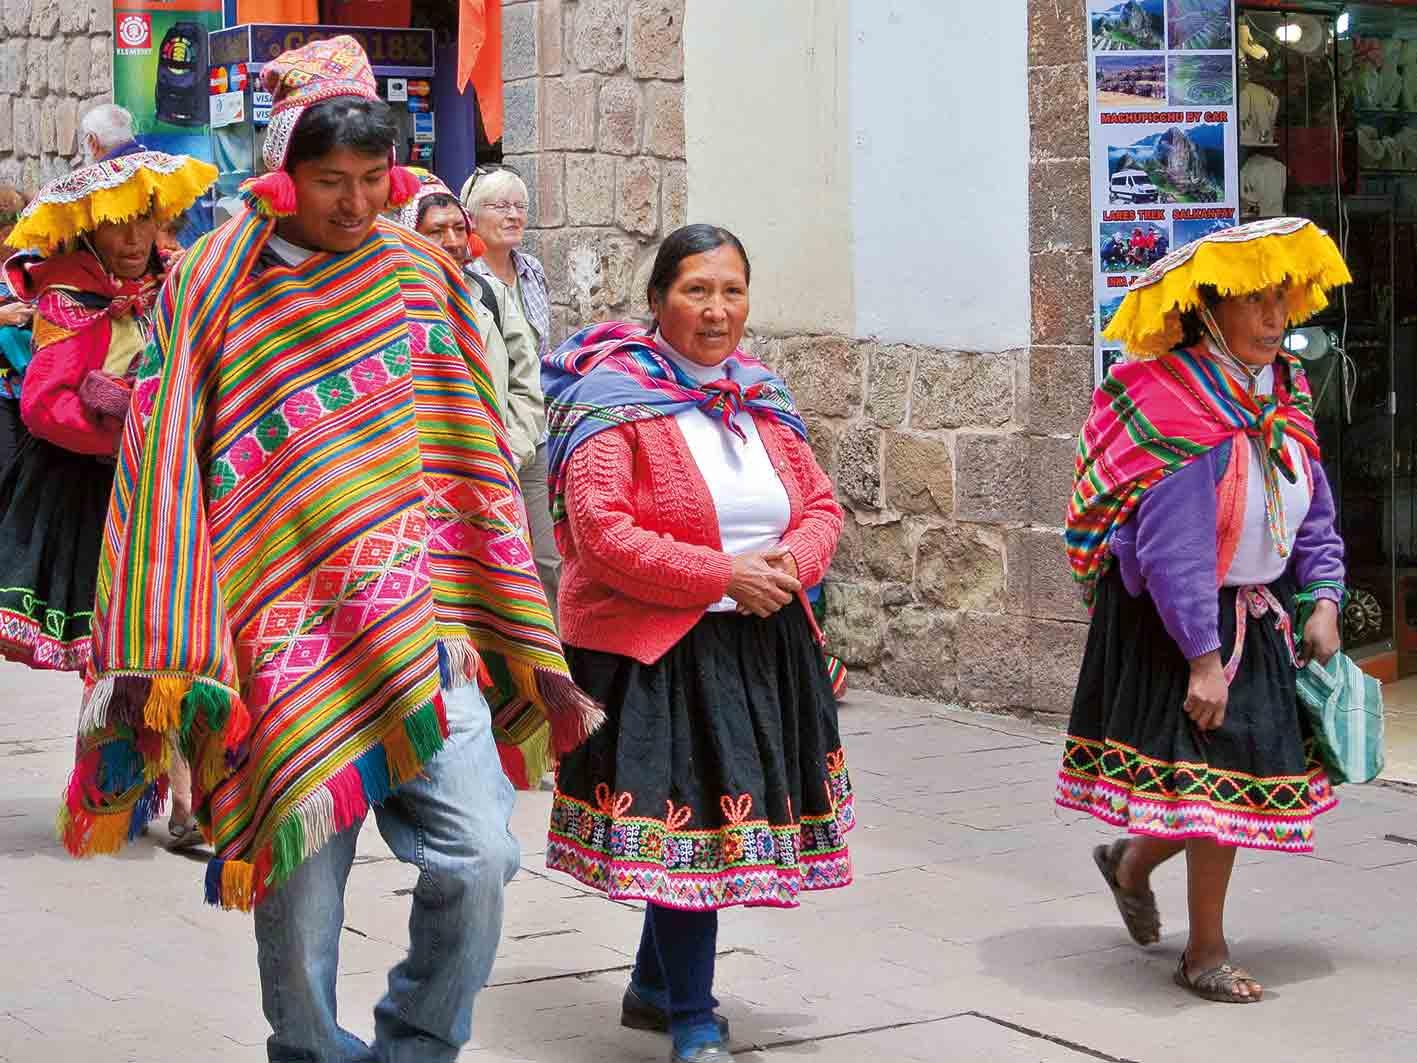 Traditionell gekleidete Peruaner in Cuzco Foto: Hans Niederhauser